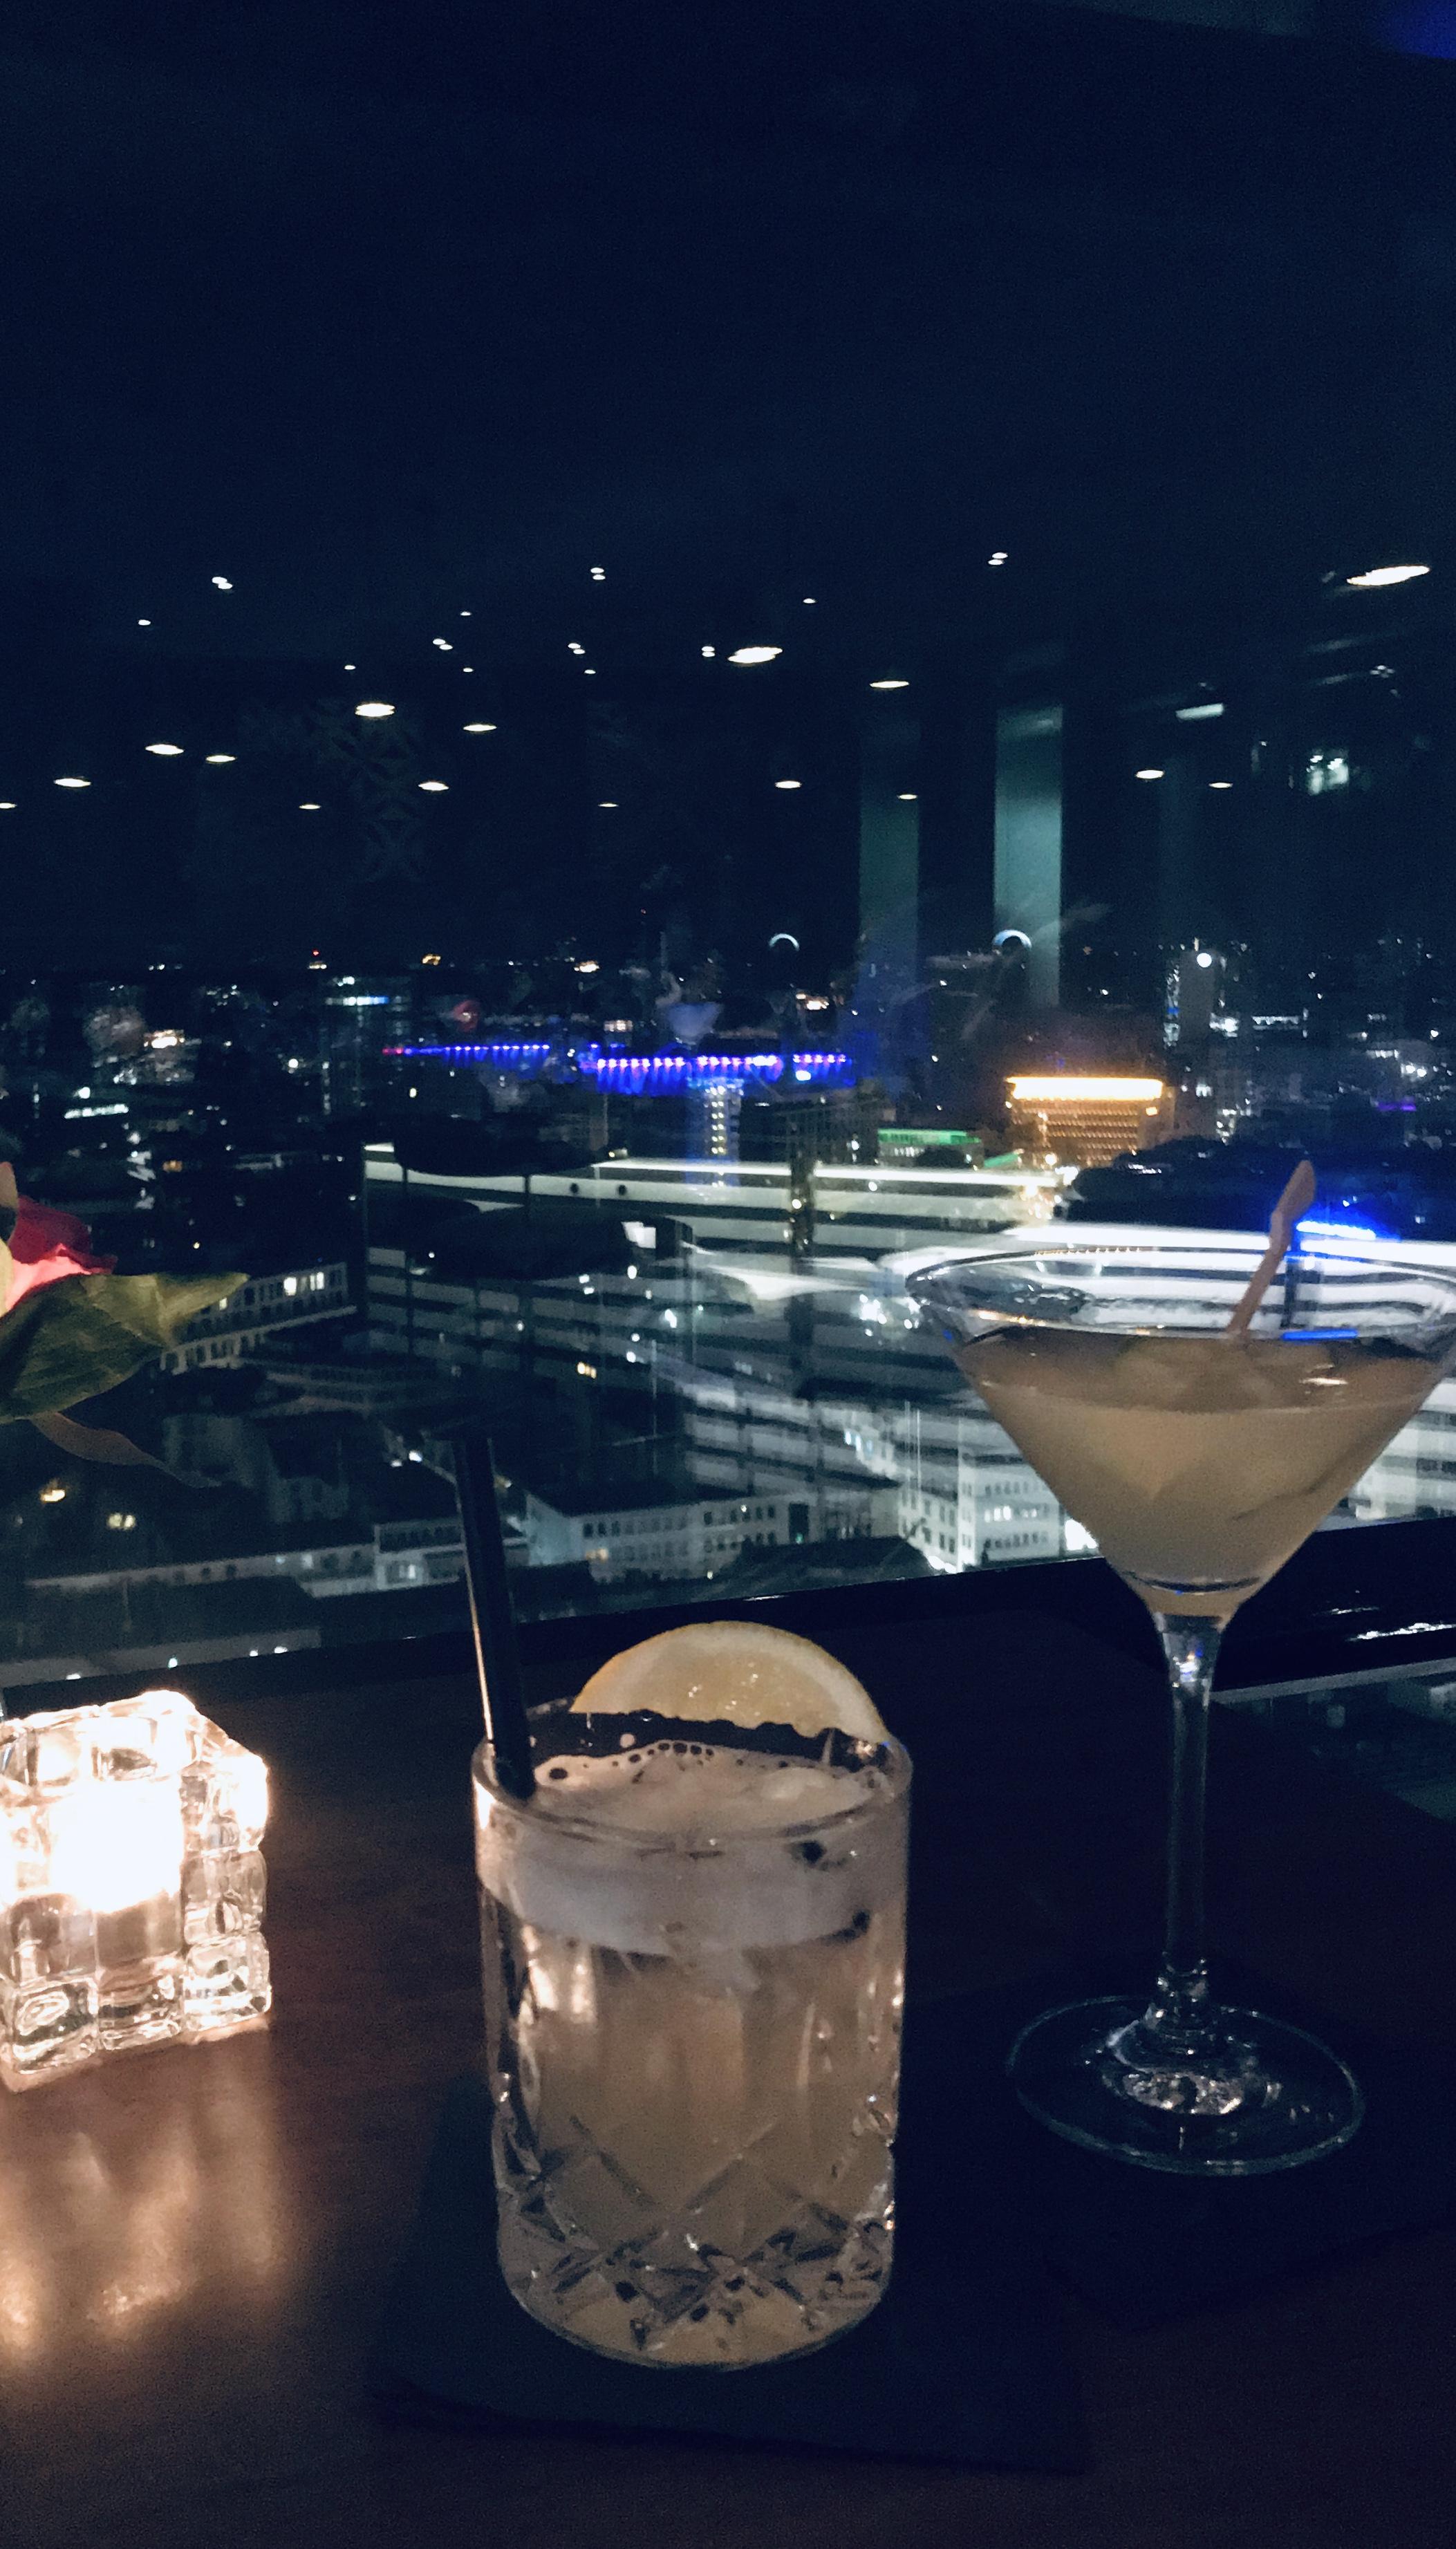 cocktails-22nd-lounge-bar-francoforte